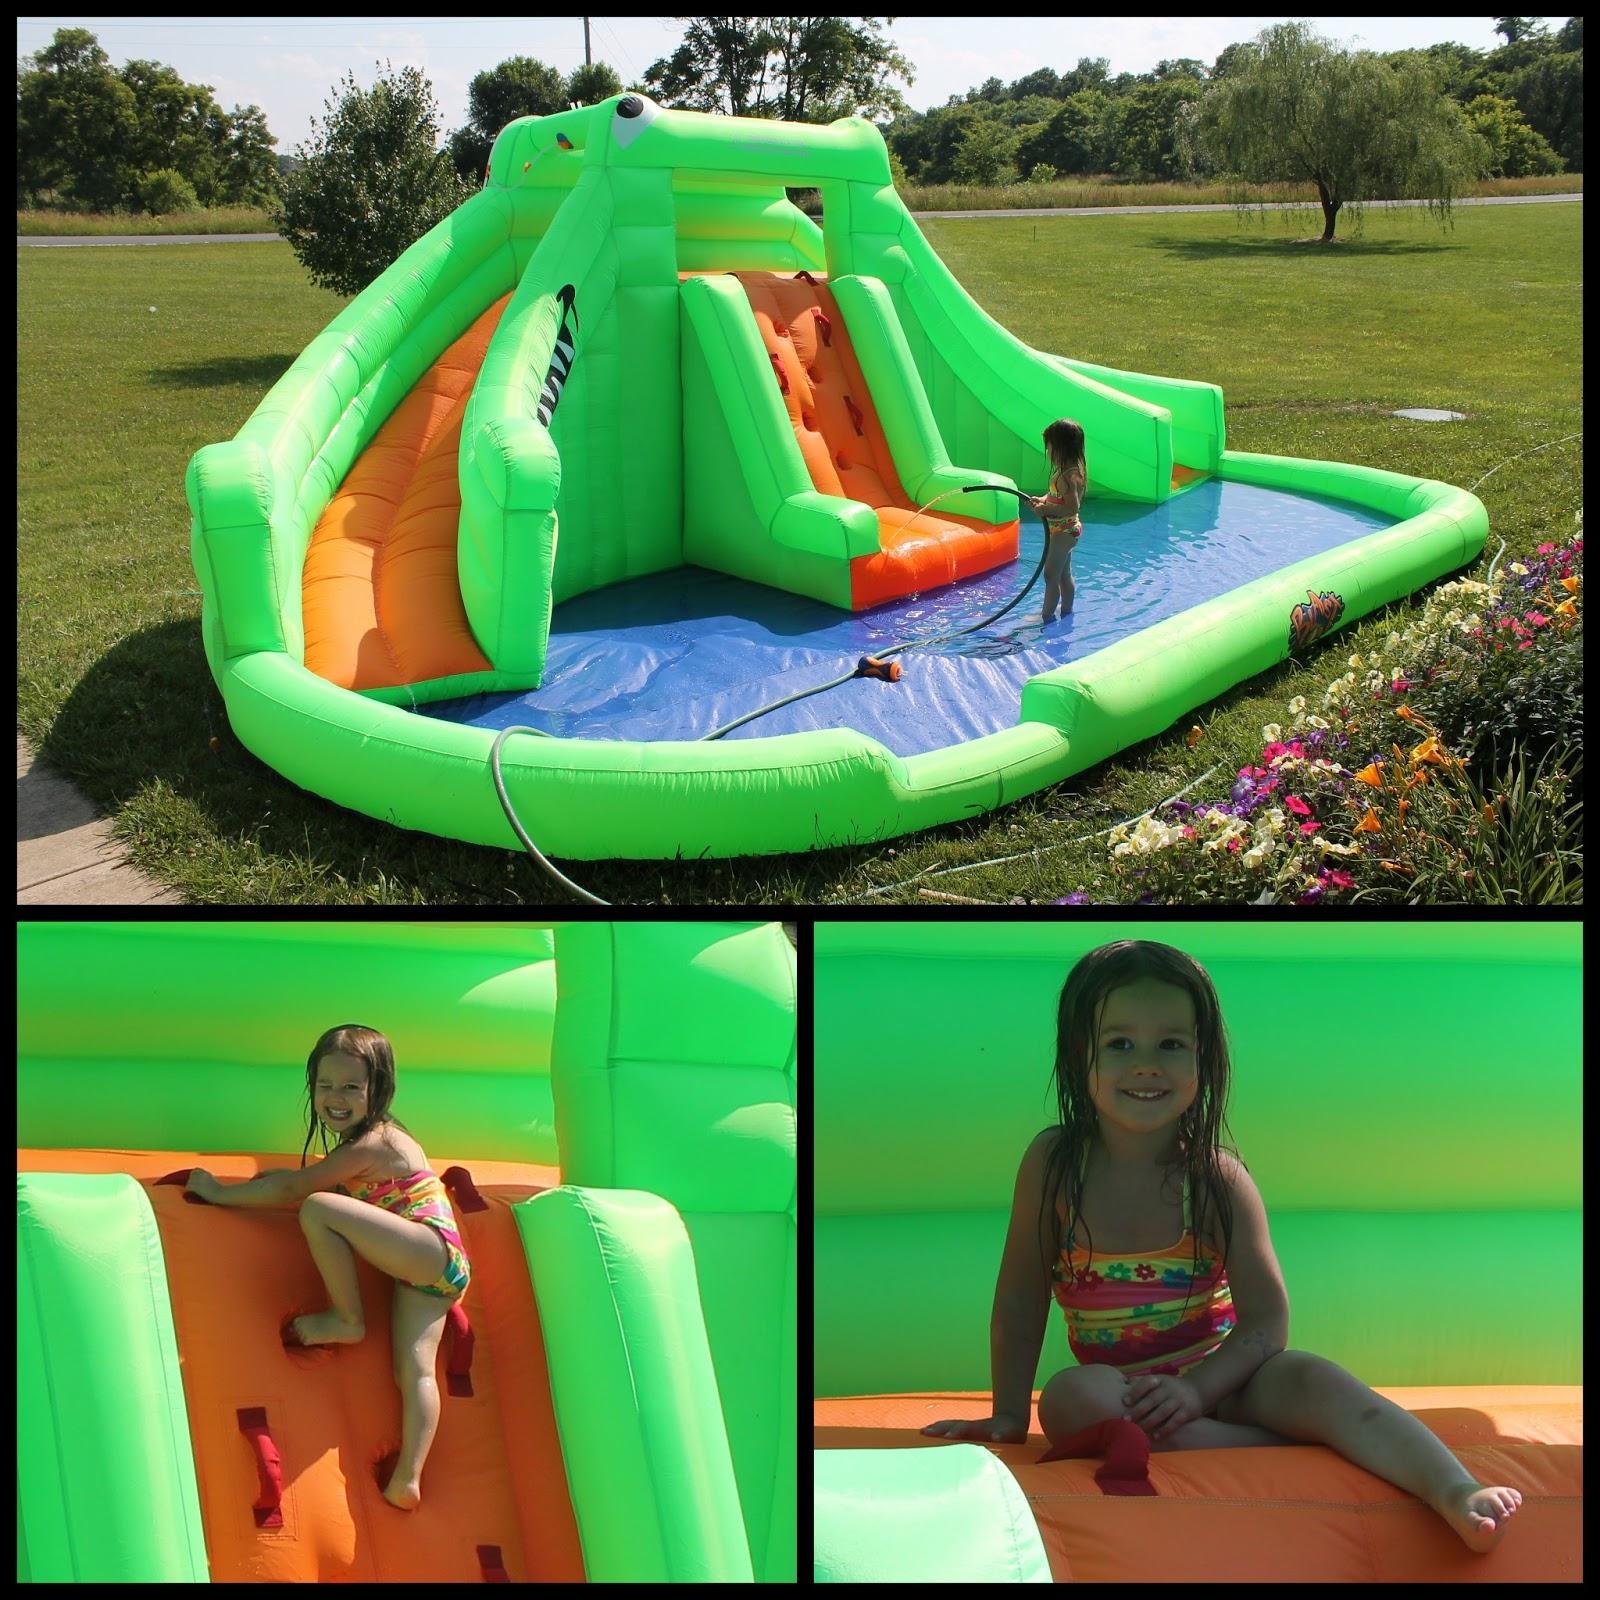 blast zone crocodile isle inflatable water park and slide